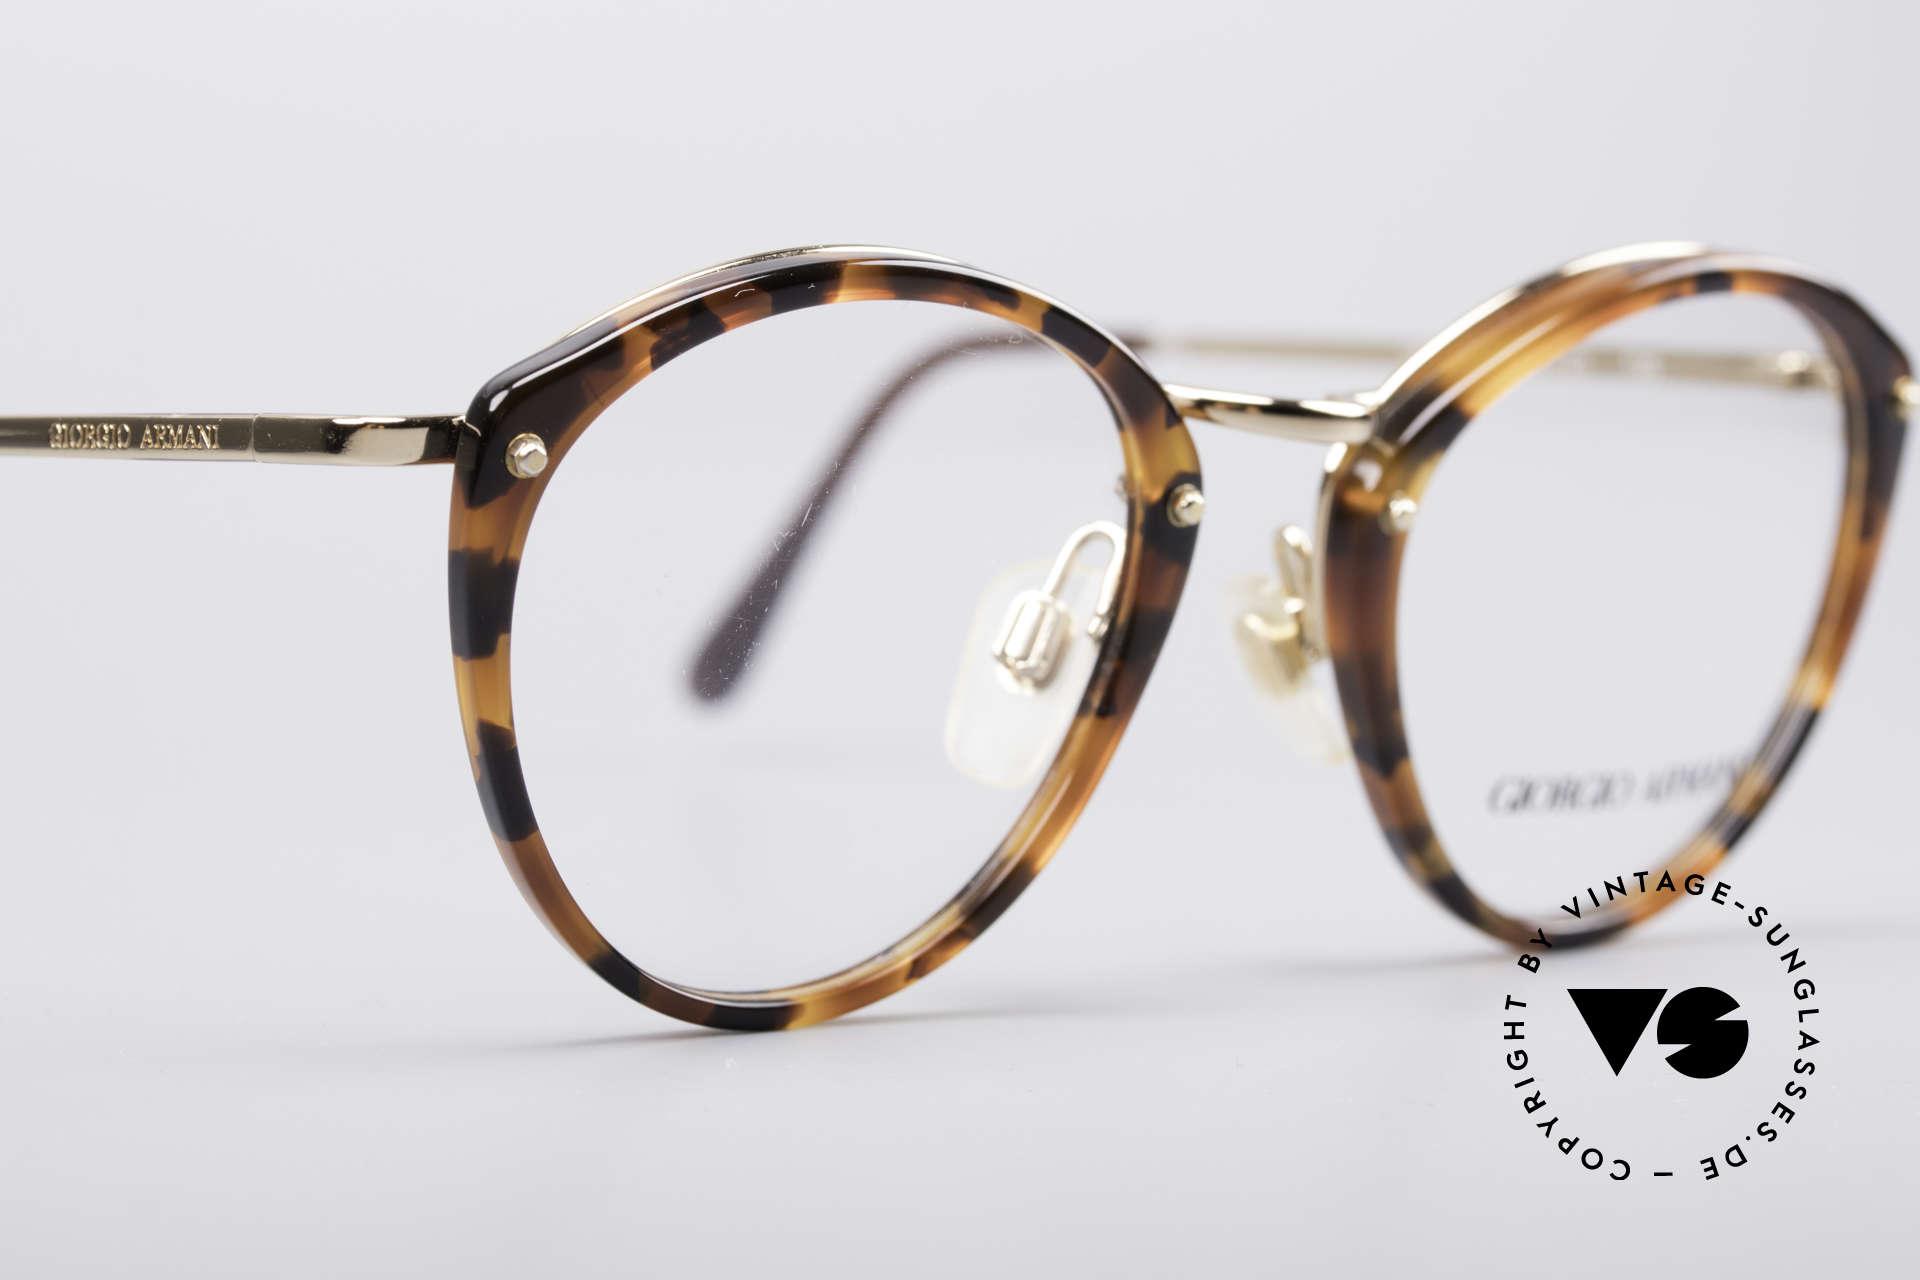 Giorgio Armani 354 No Retro Glasses 80's Frame, NO RETRO glasses, but a genuine 30 years old original, Made for Men and Women